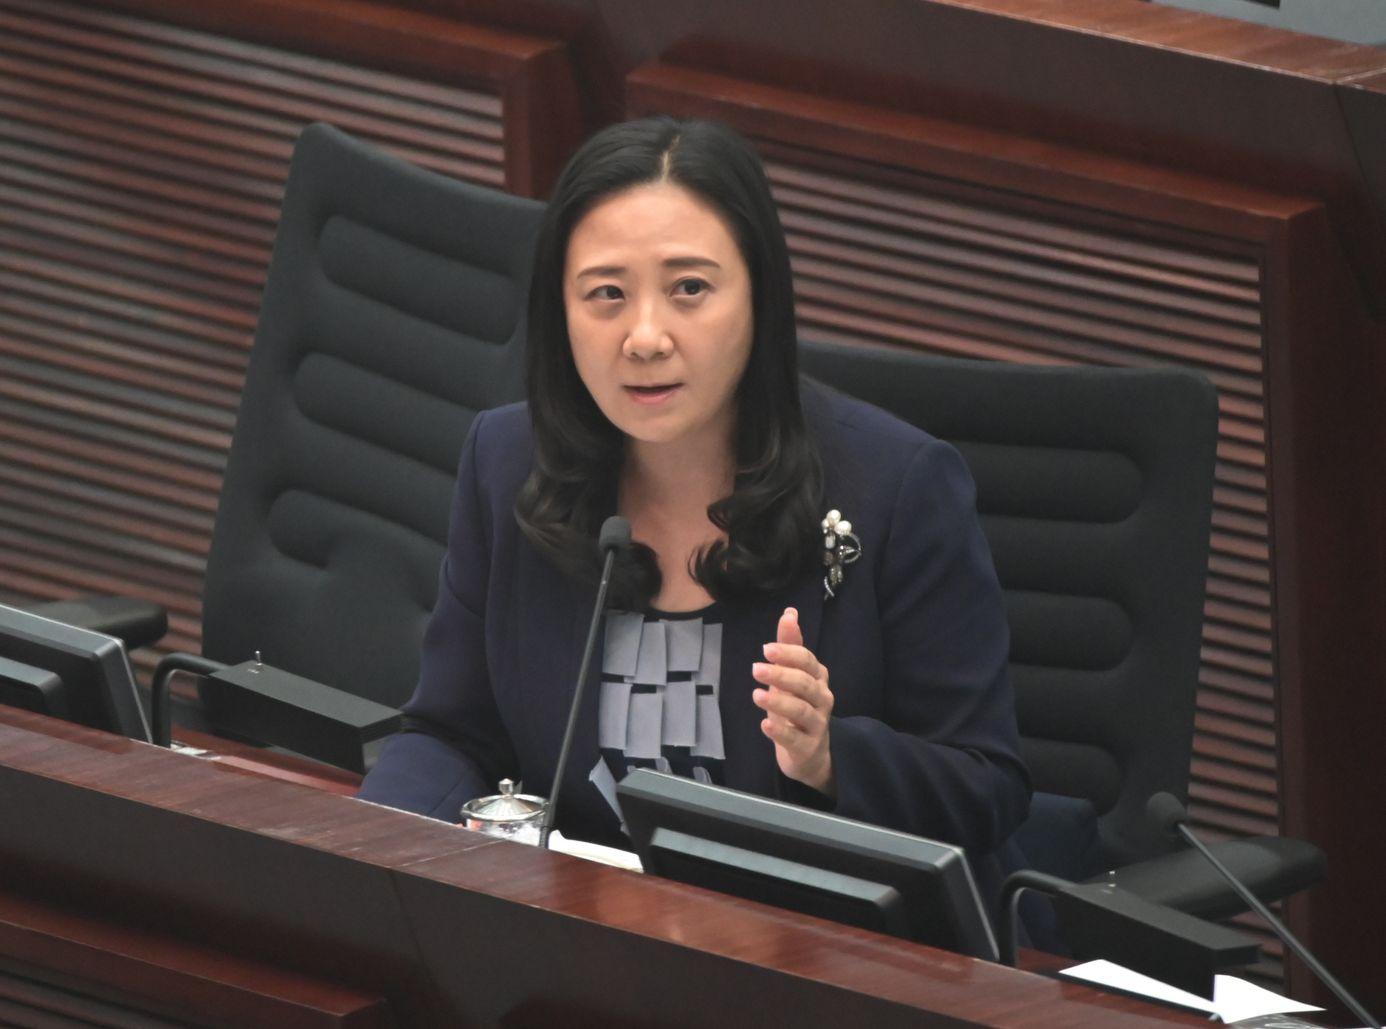 葛珮帆形容,目前是香港有史以來最暴力和最黑暗的競選期。資料圖片